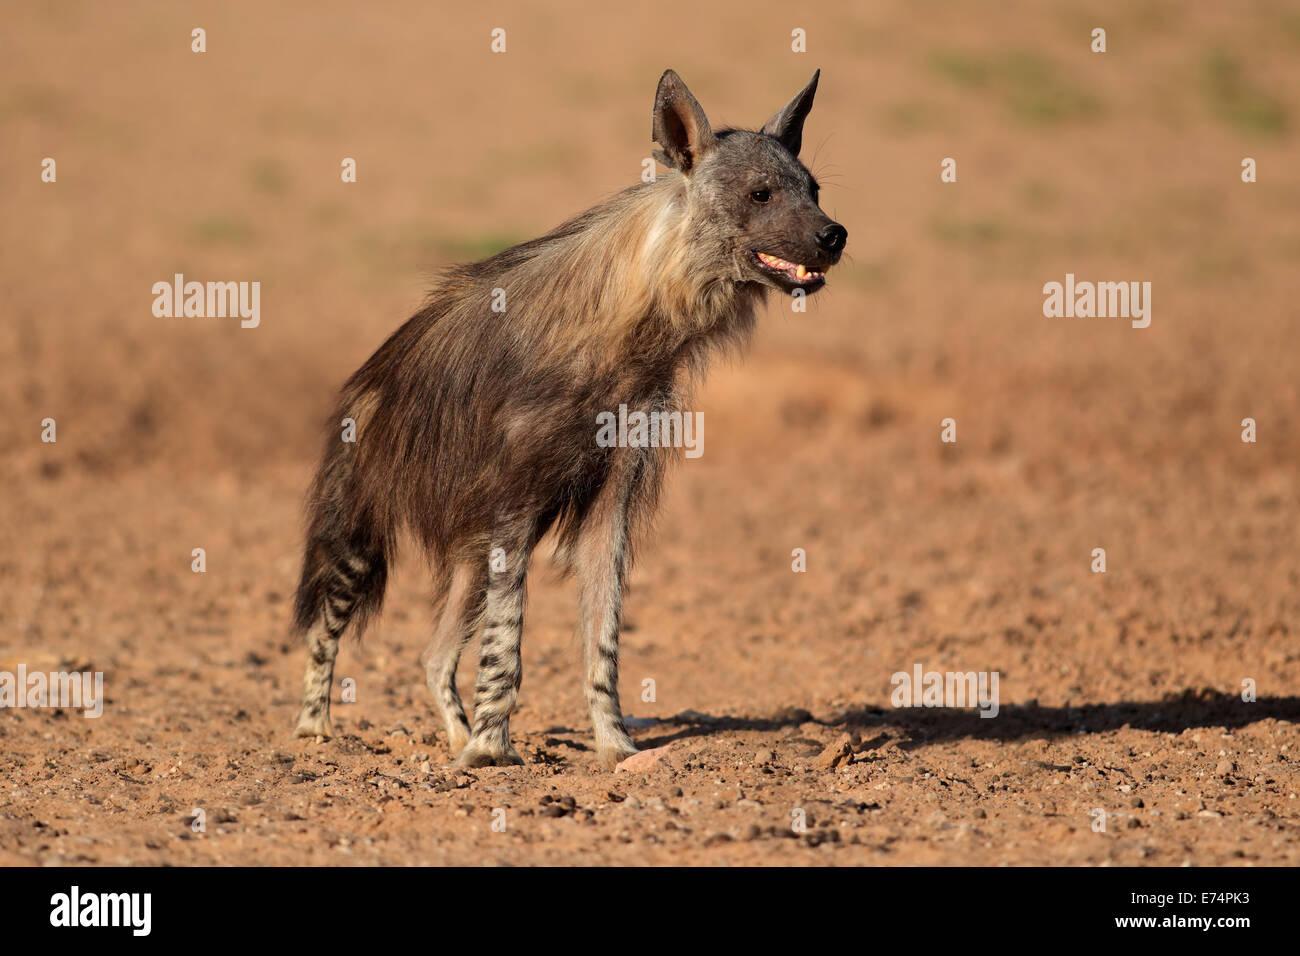 Alert hyène brune (Hyaena brunnea), désert du Kalahari, Afrique du Sud Banque D'Images